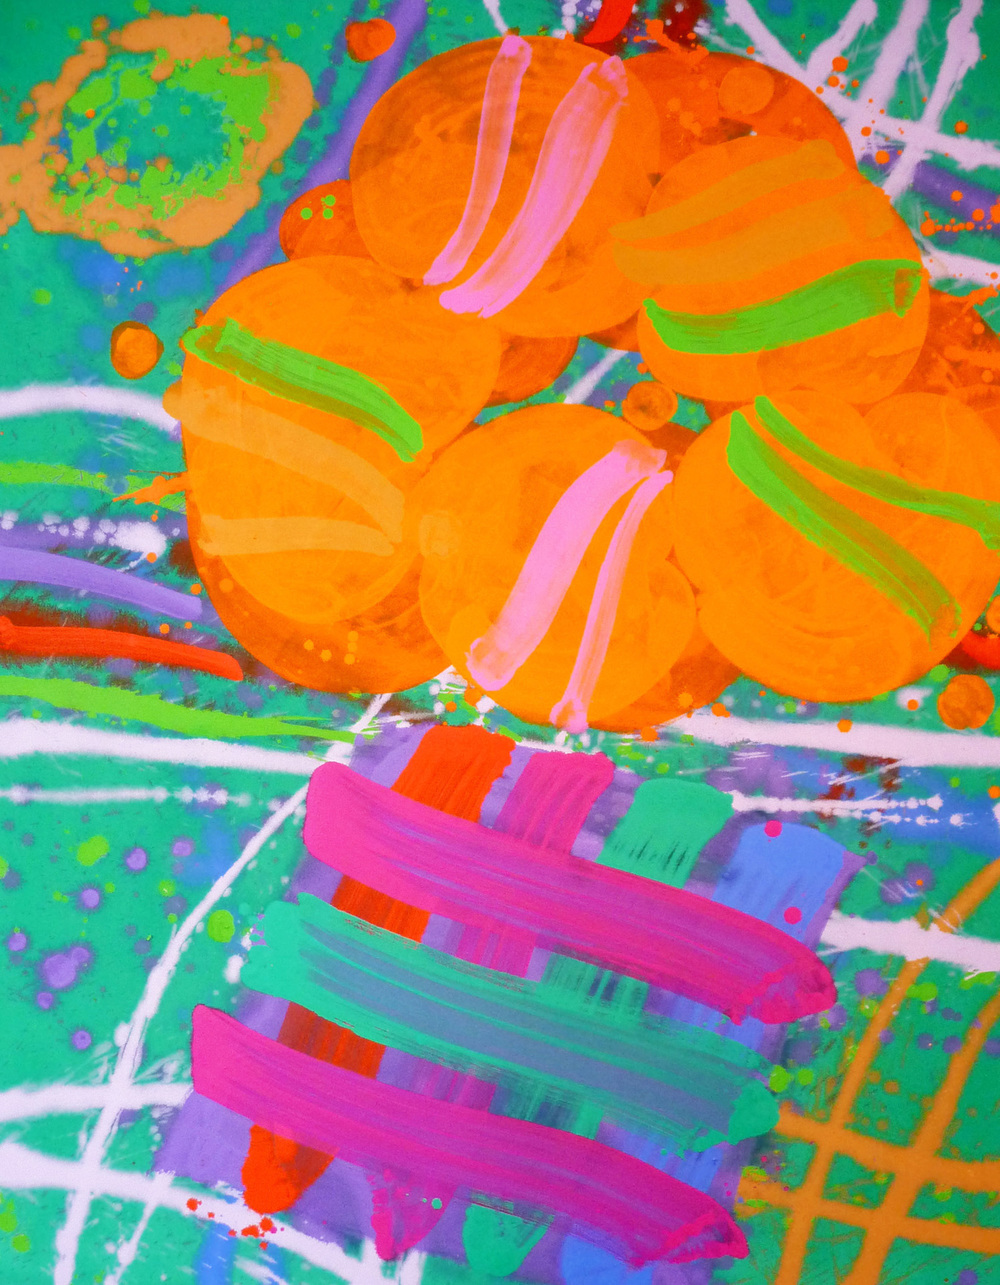 Albert-Irvin_2008_Voltaire_152.4-x-121cm.jpg